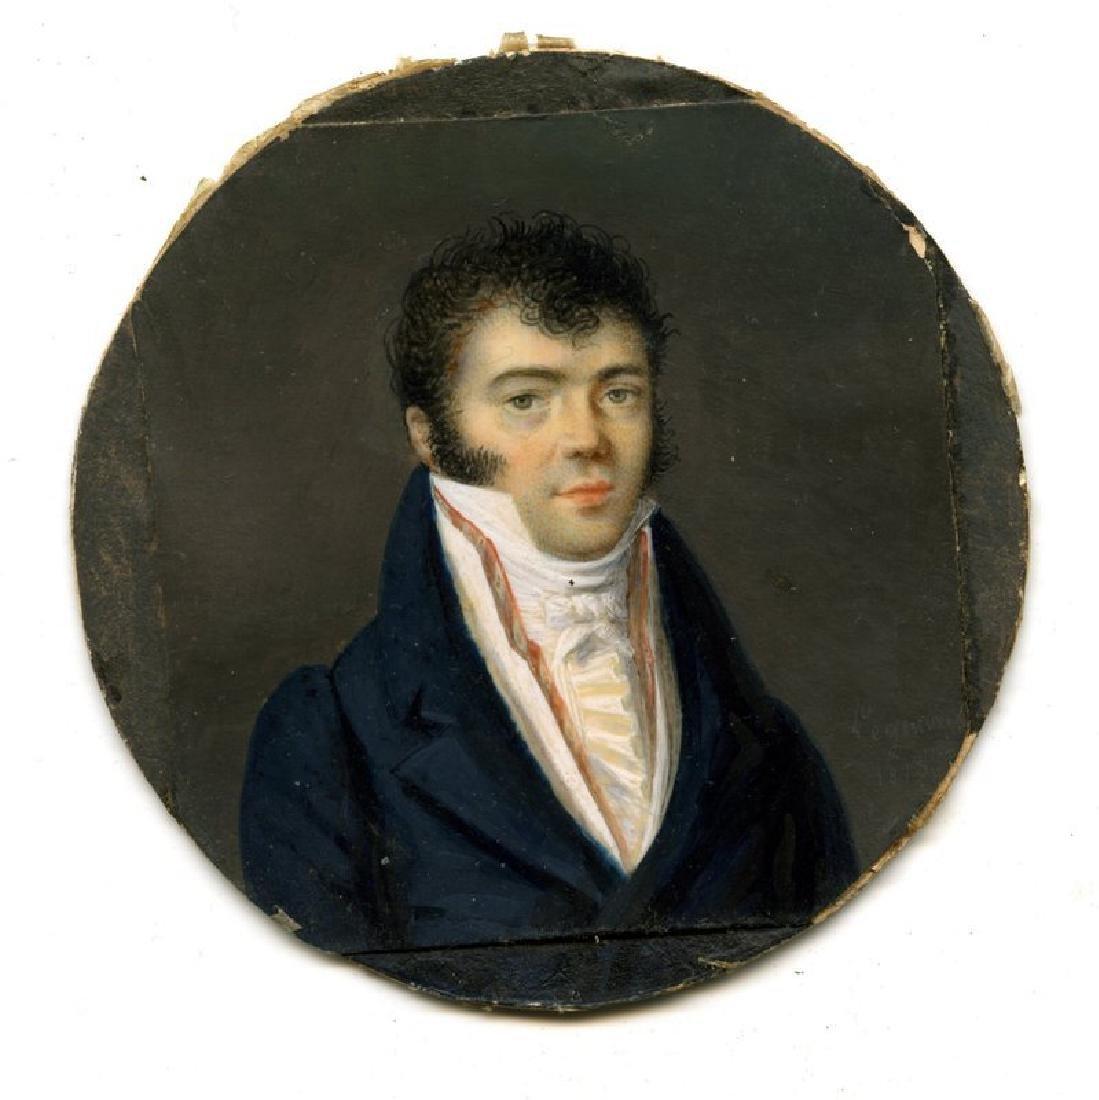 Miniature Portrait by Legenvre c1813